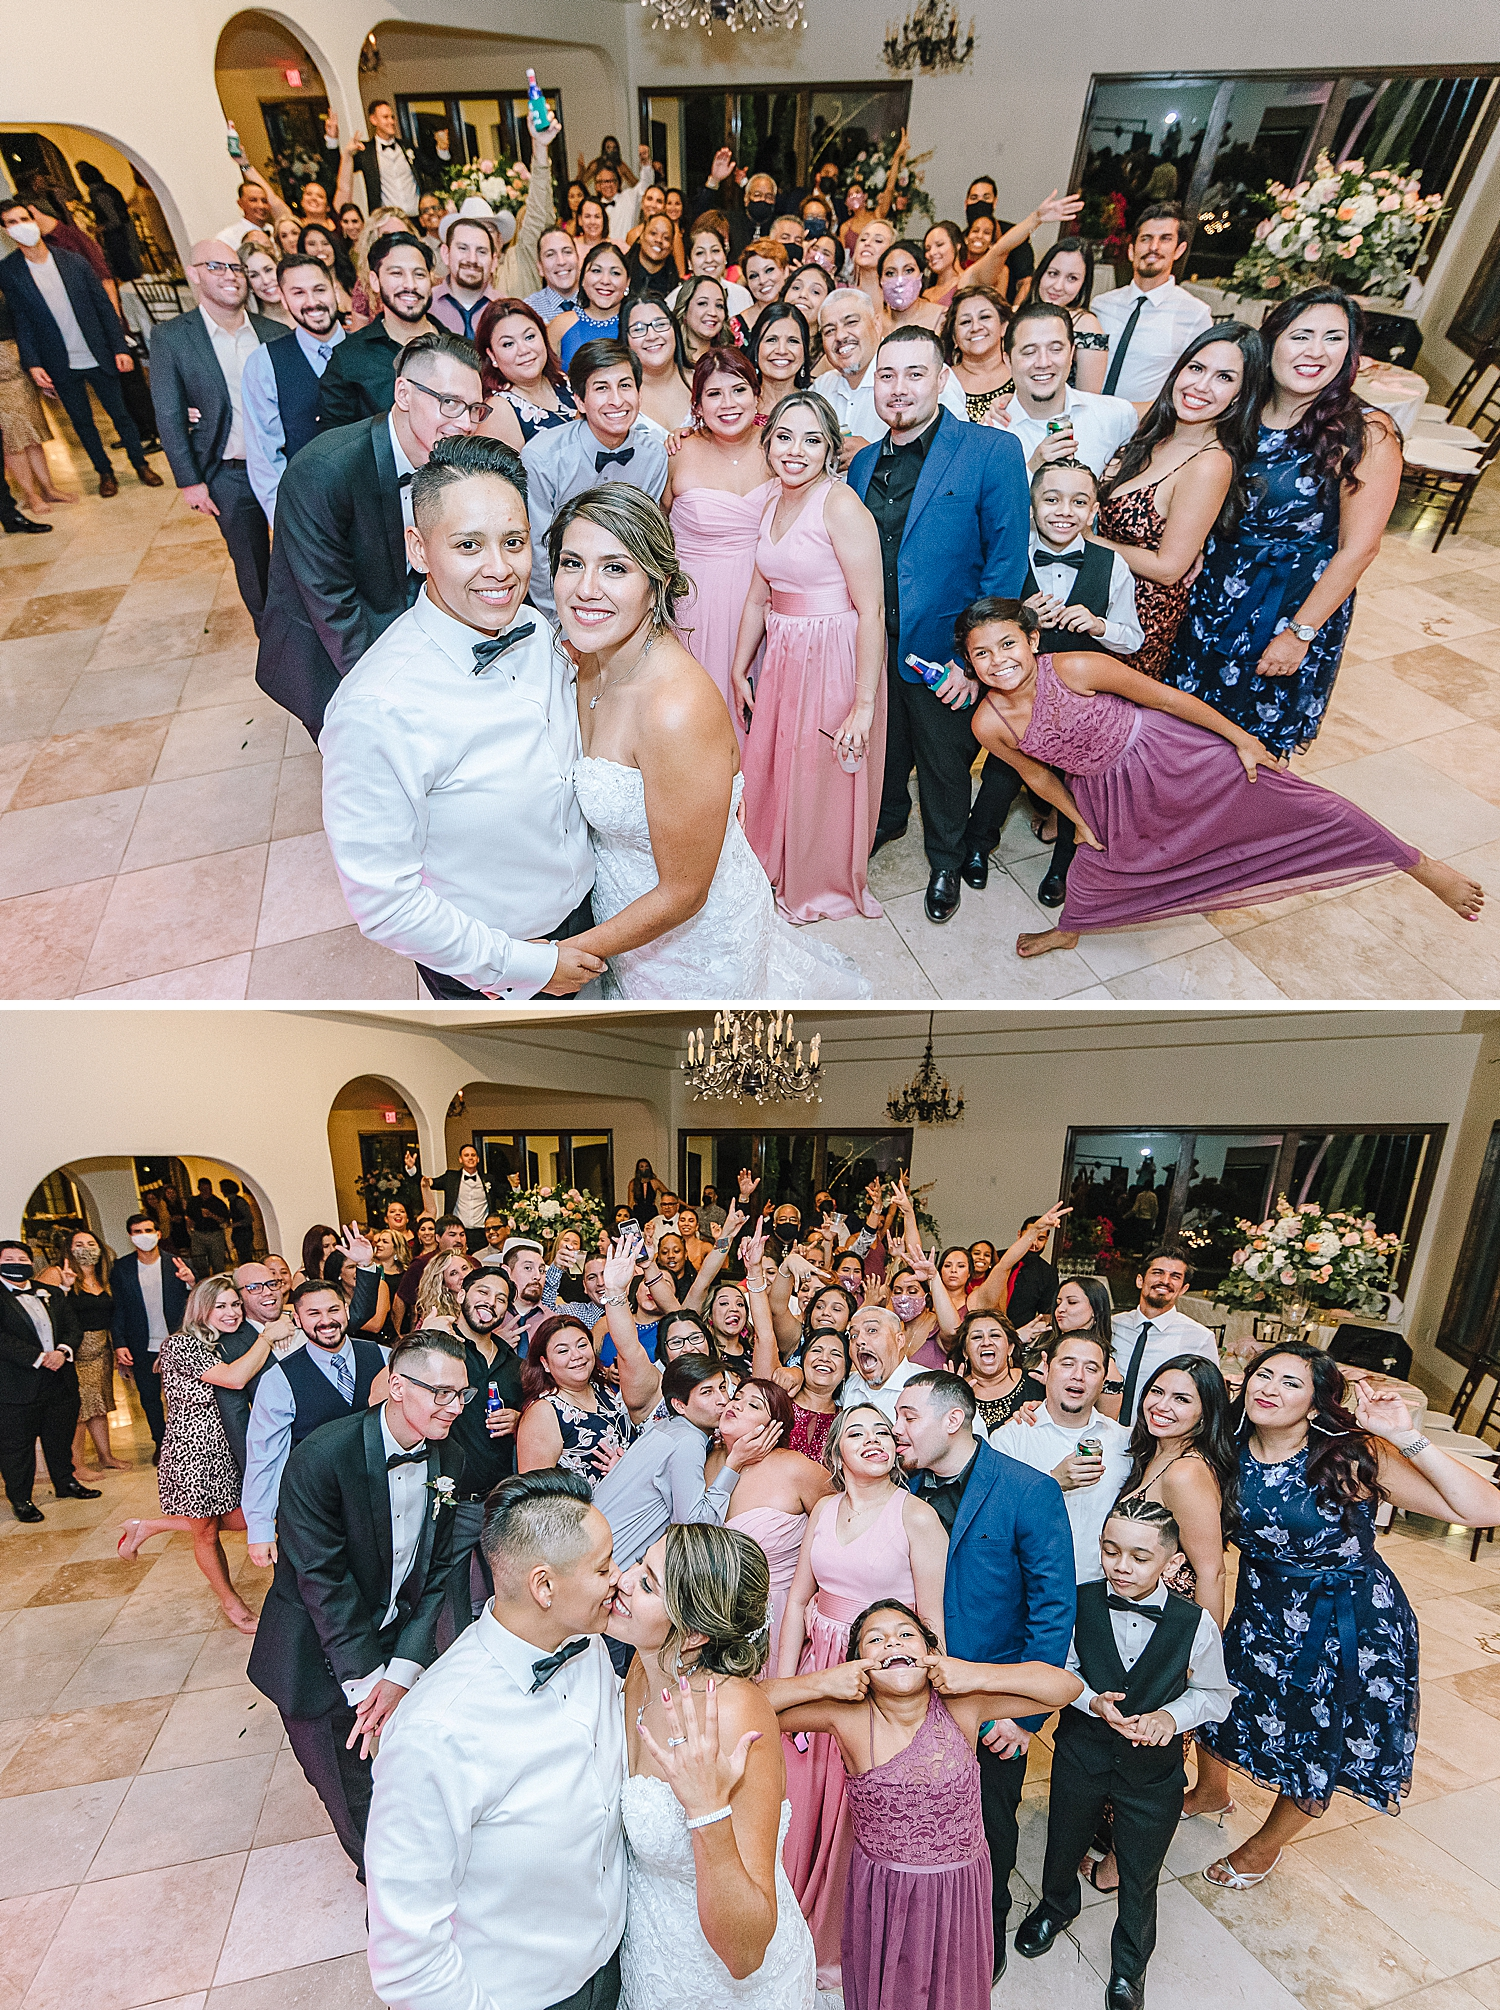 Carly-Barton-Photography-The-Villa-at-Cielo-Vista-Blush-Gold-White-Wedding-Photos_0050.jpg